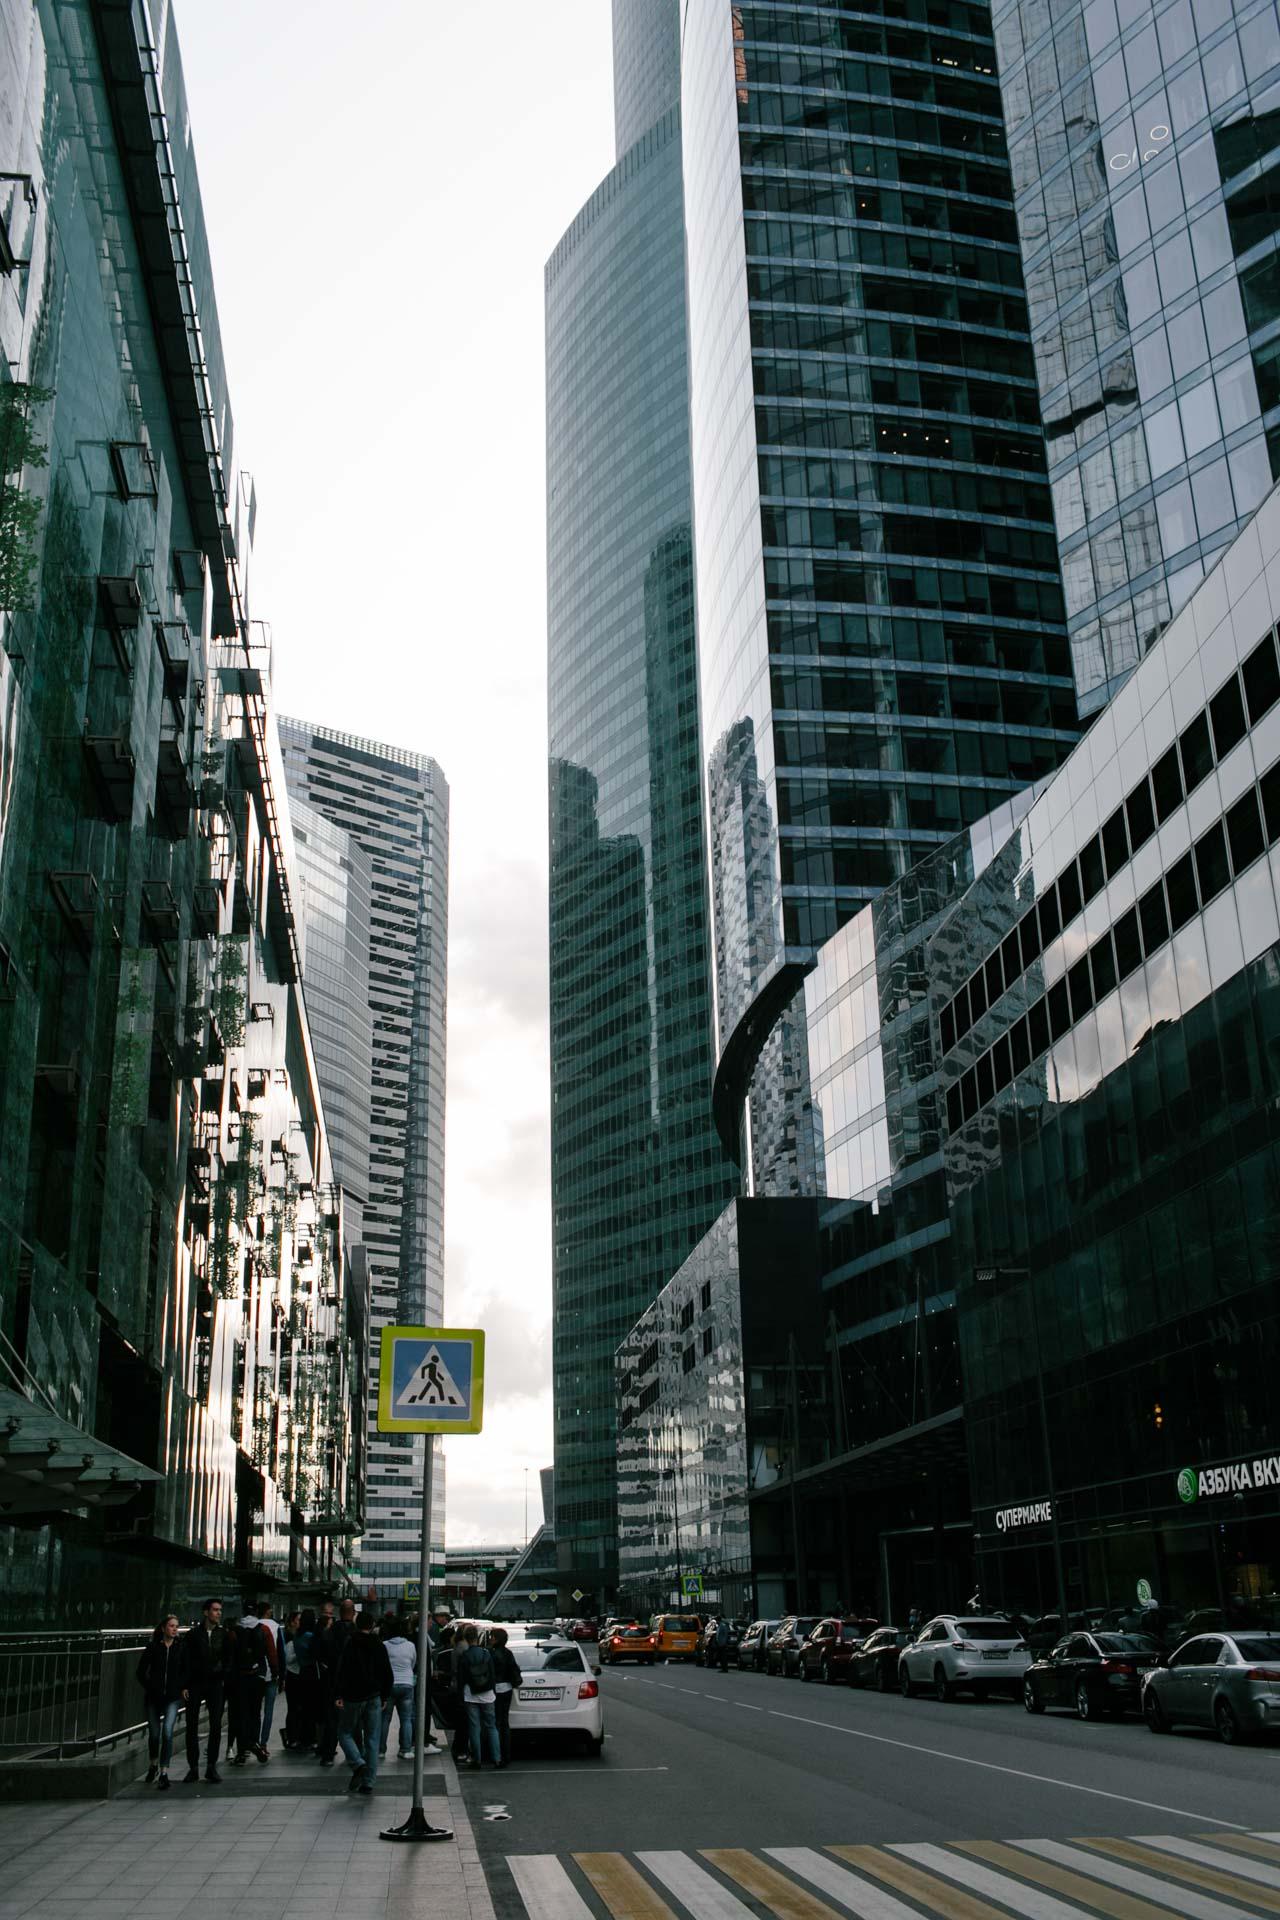 Это Москва. Конец лета, очень холодно. На фотографии улица в деловом центре. Пешеходный переход, знак пешеходного перехода, несколько человек на тротуаре возле белой машины. На другой стороне супермаркет «Азбука вкуса». Высокие стеклянные здания по обе стороны улицы.